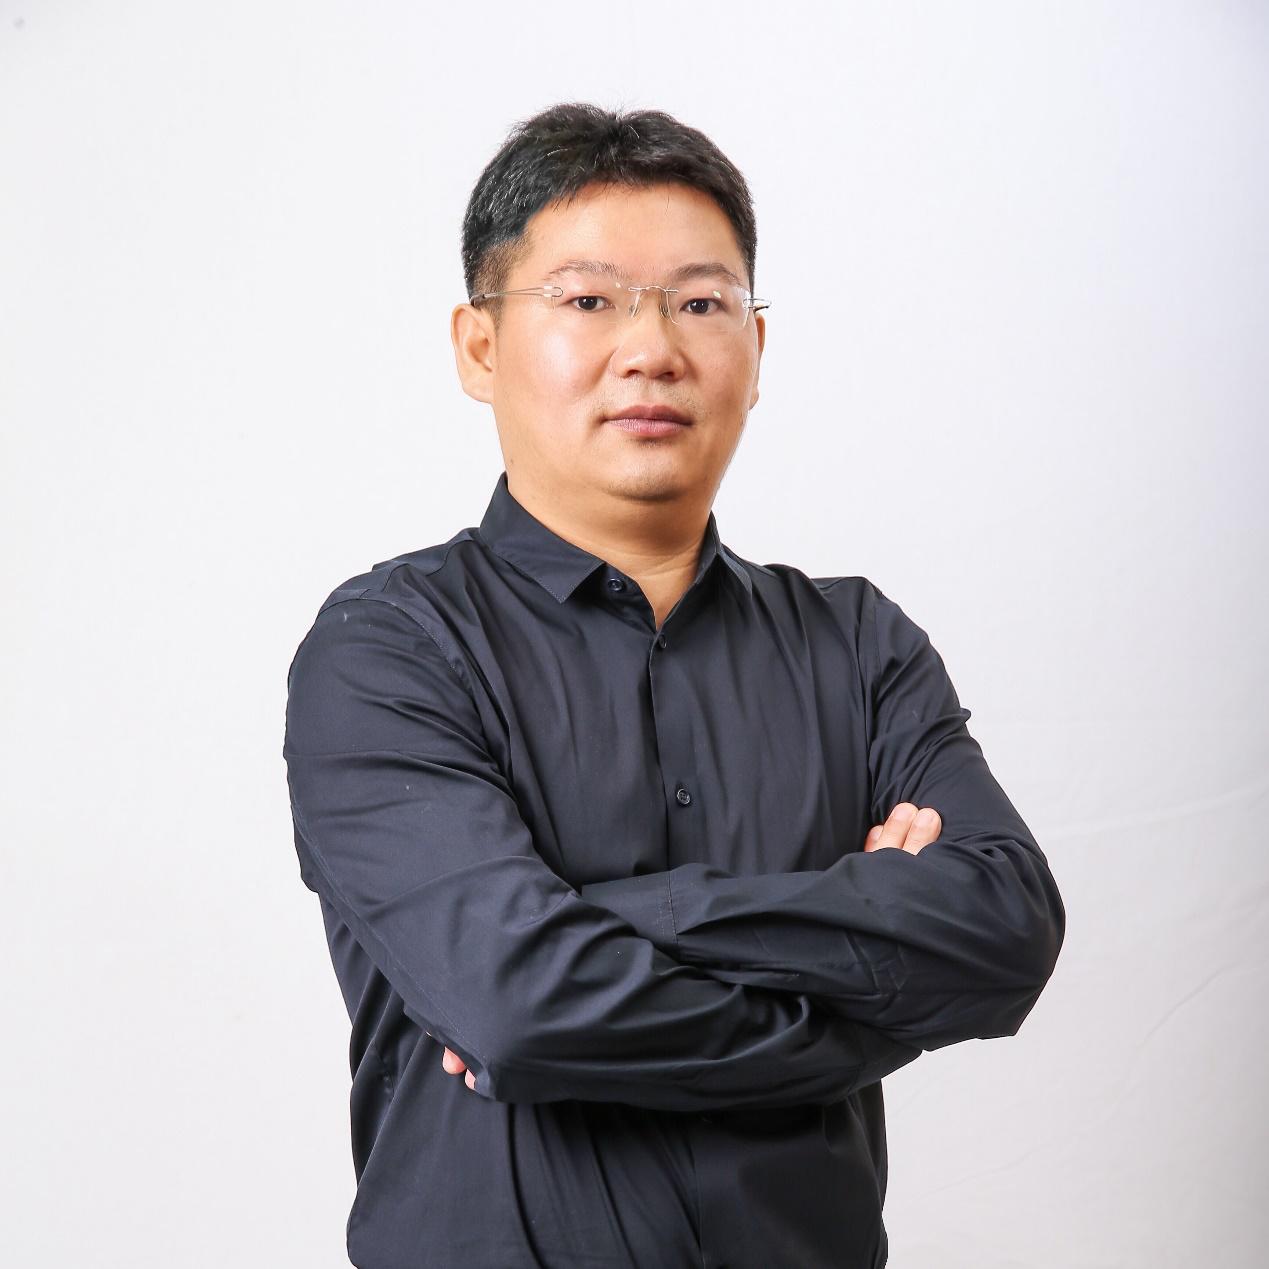 《【沐鸣手机app】携程:晋升熊星为国际执行副总裁 孙波为集团执行副总裁》